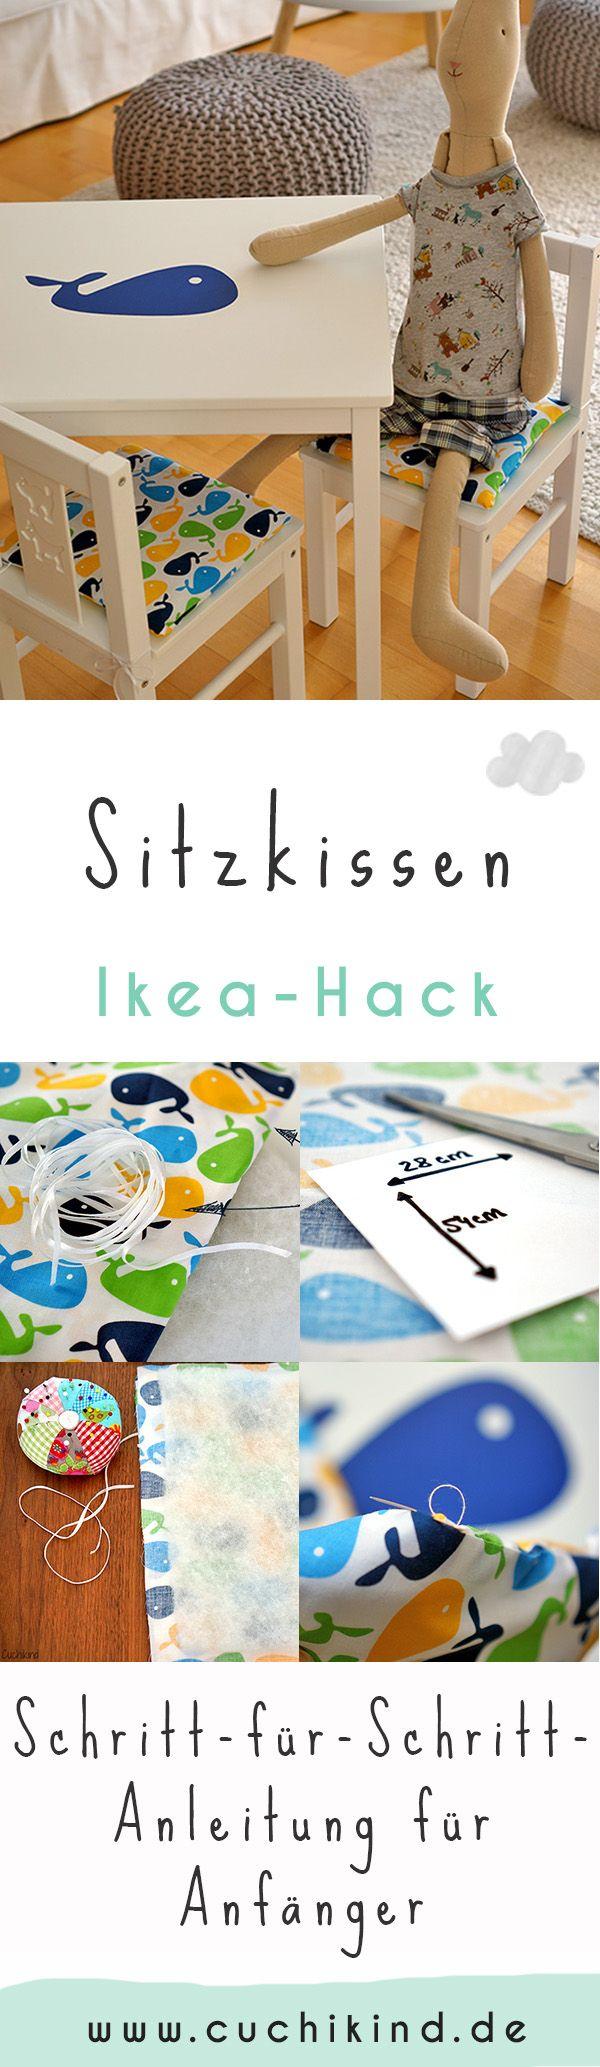 Ikea-Hack: Verschönerung der Kindersitzgruppe. Schritt-für-Schritt-Anleitung zum Nähen zweier Sitzkissen und Klebefolie auf dem Tisch. Nähtutorial für Anfänger. #nähtutorial #nähaneitung #nähenfürkinder #ikea #ikeahack